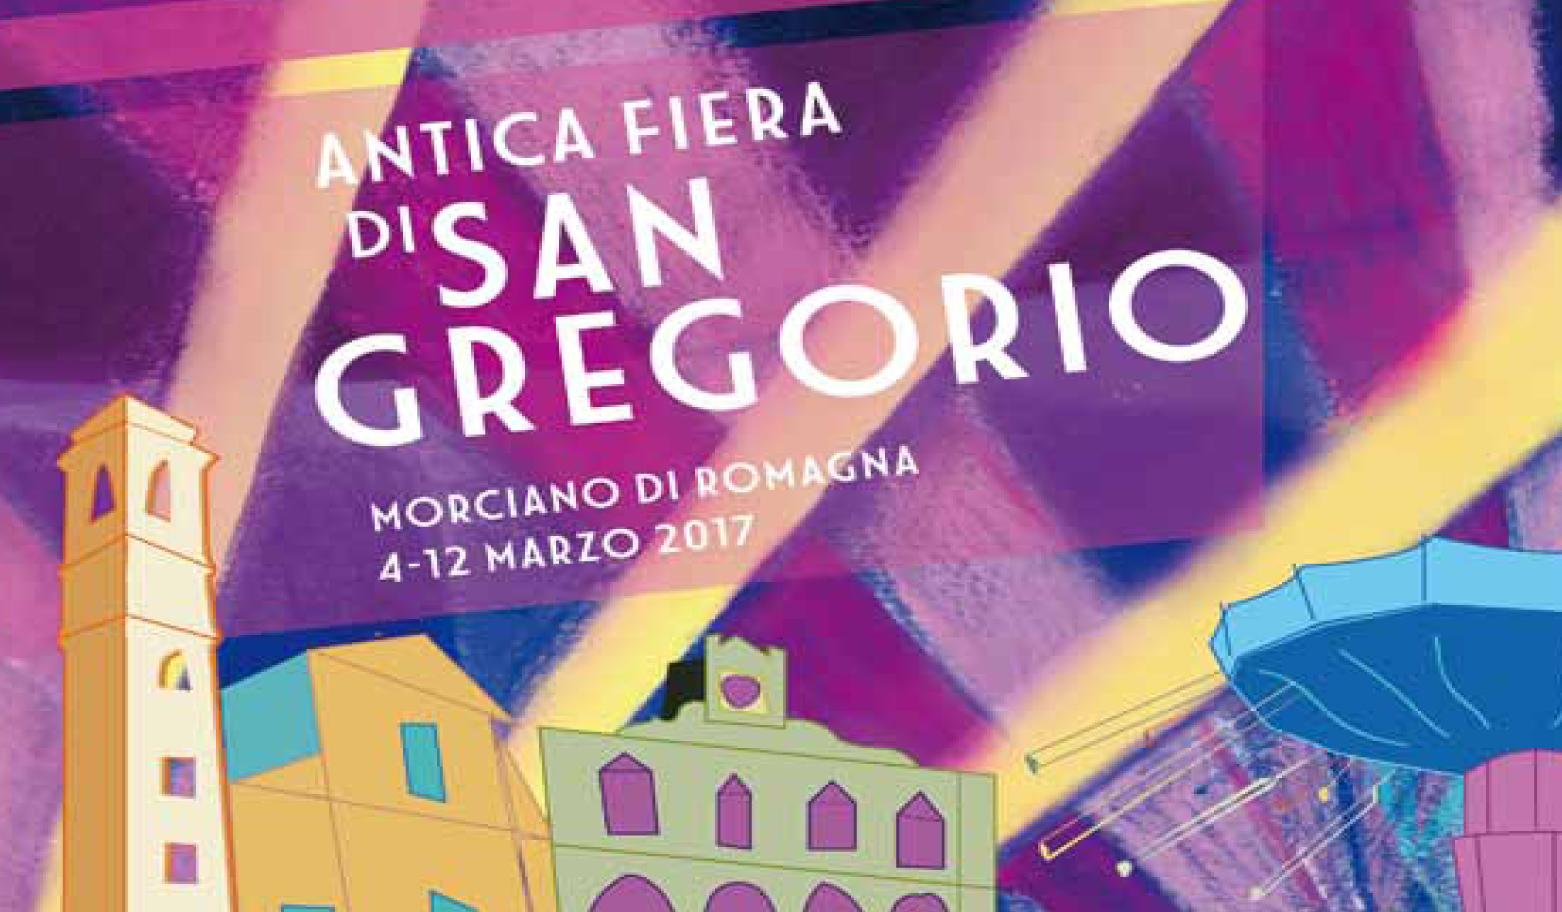 Fiera S. Gregorio